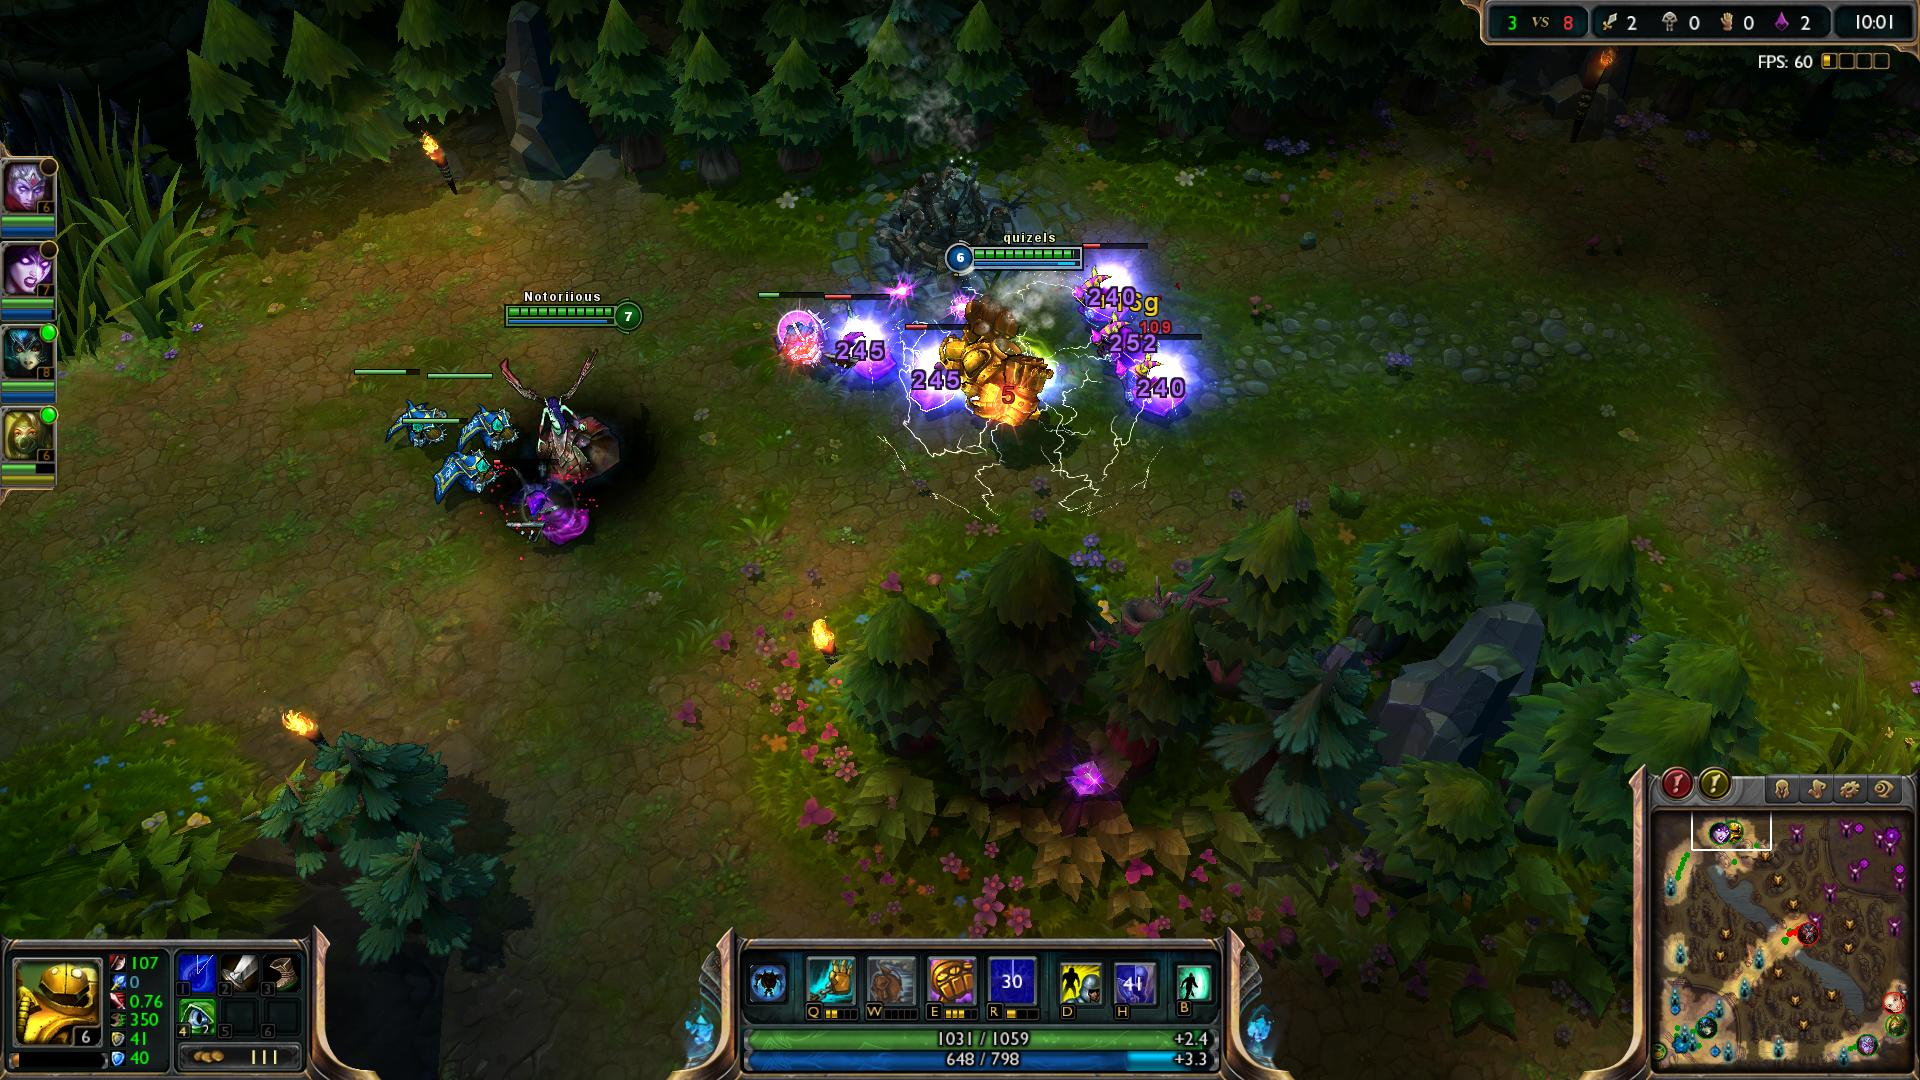 Static Field Blitzcrank lol lol screenshot - Gamingcfg com